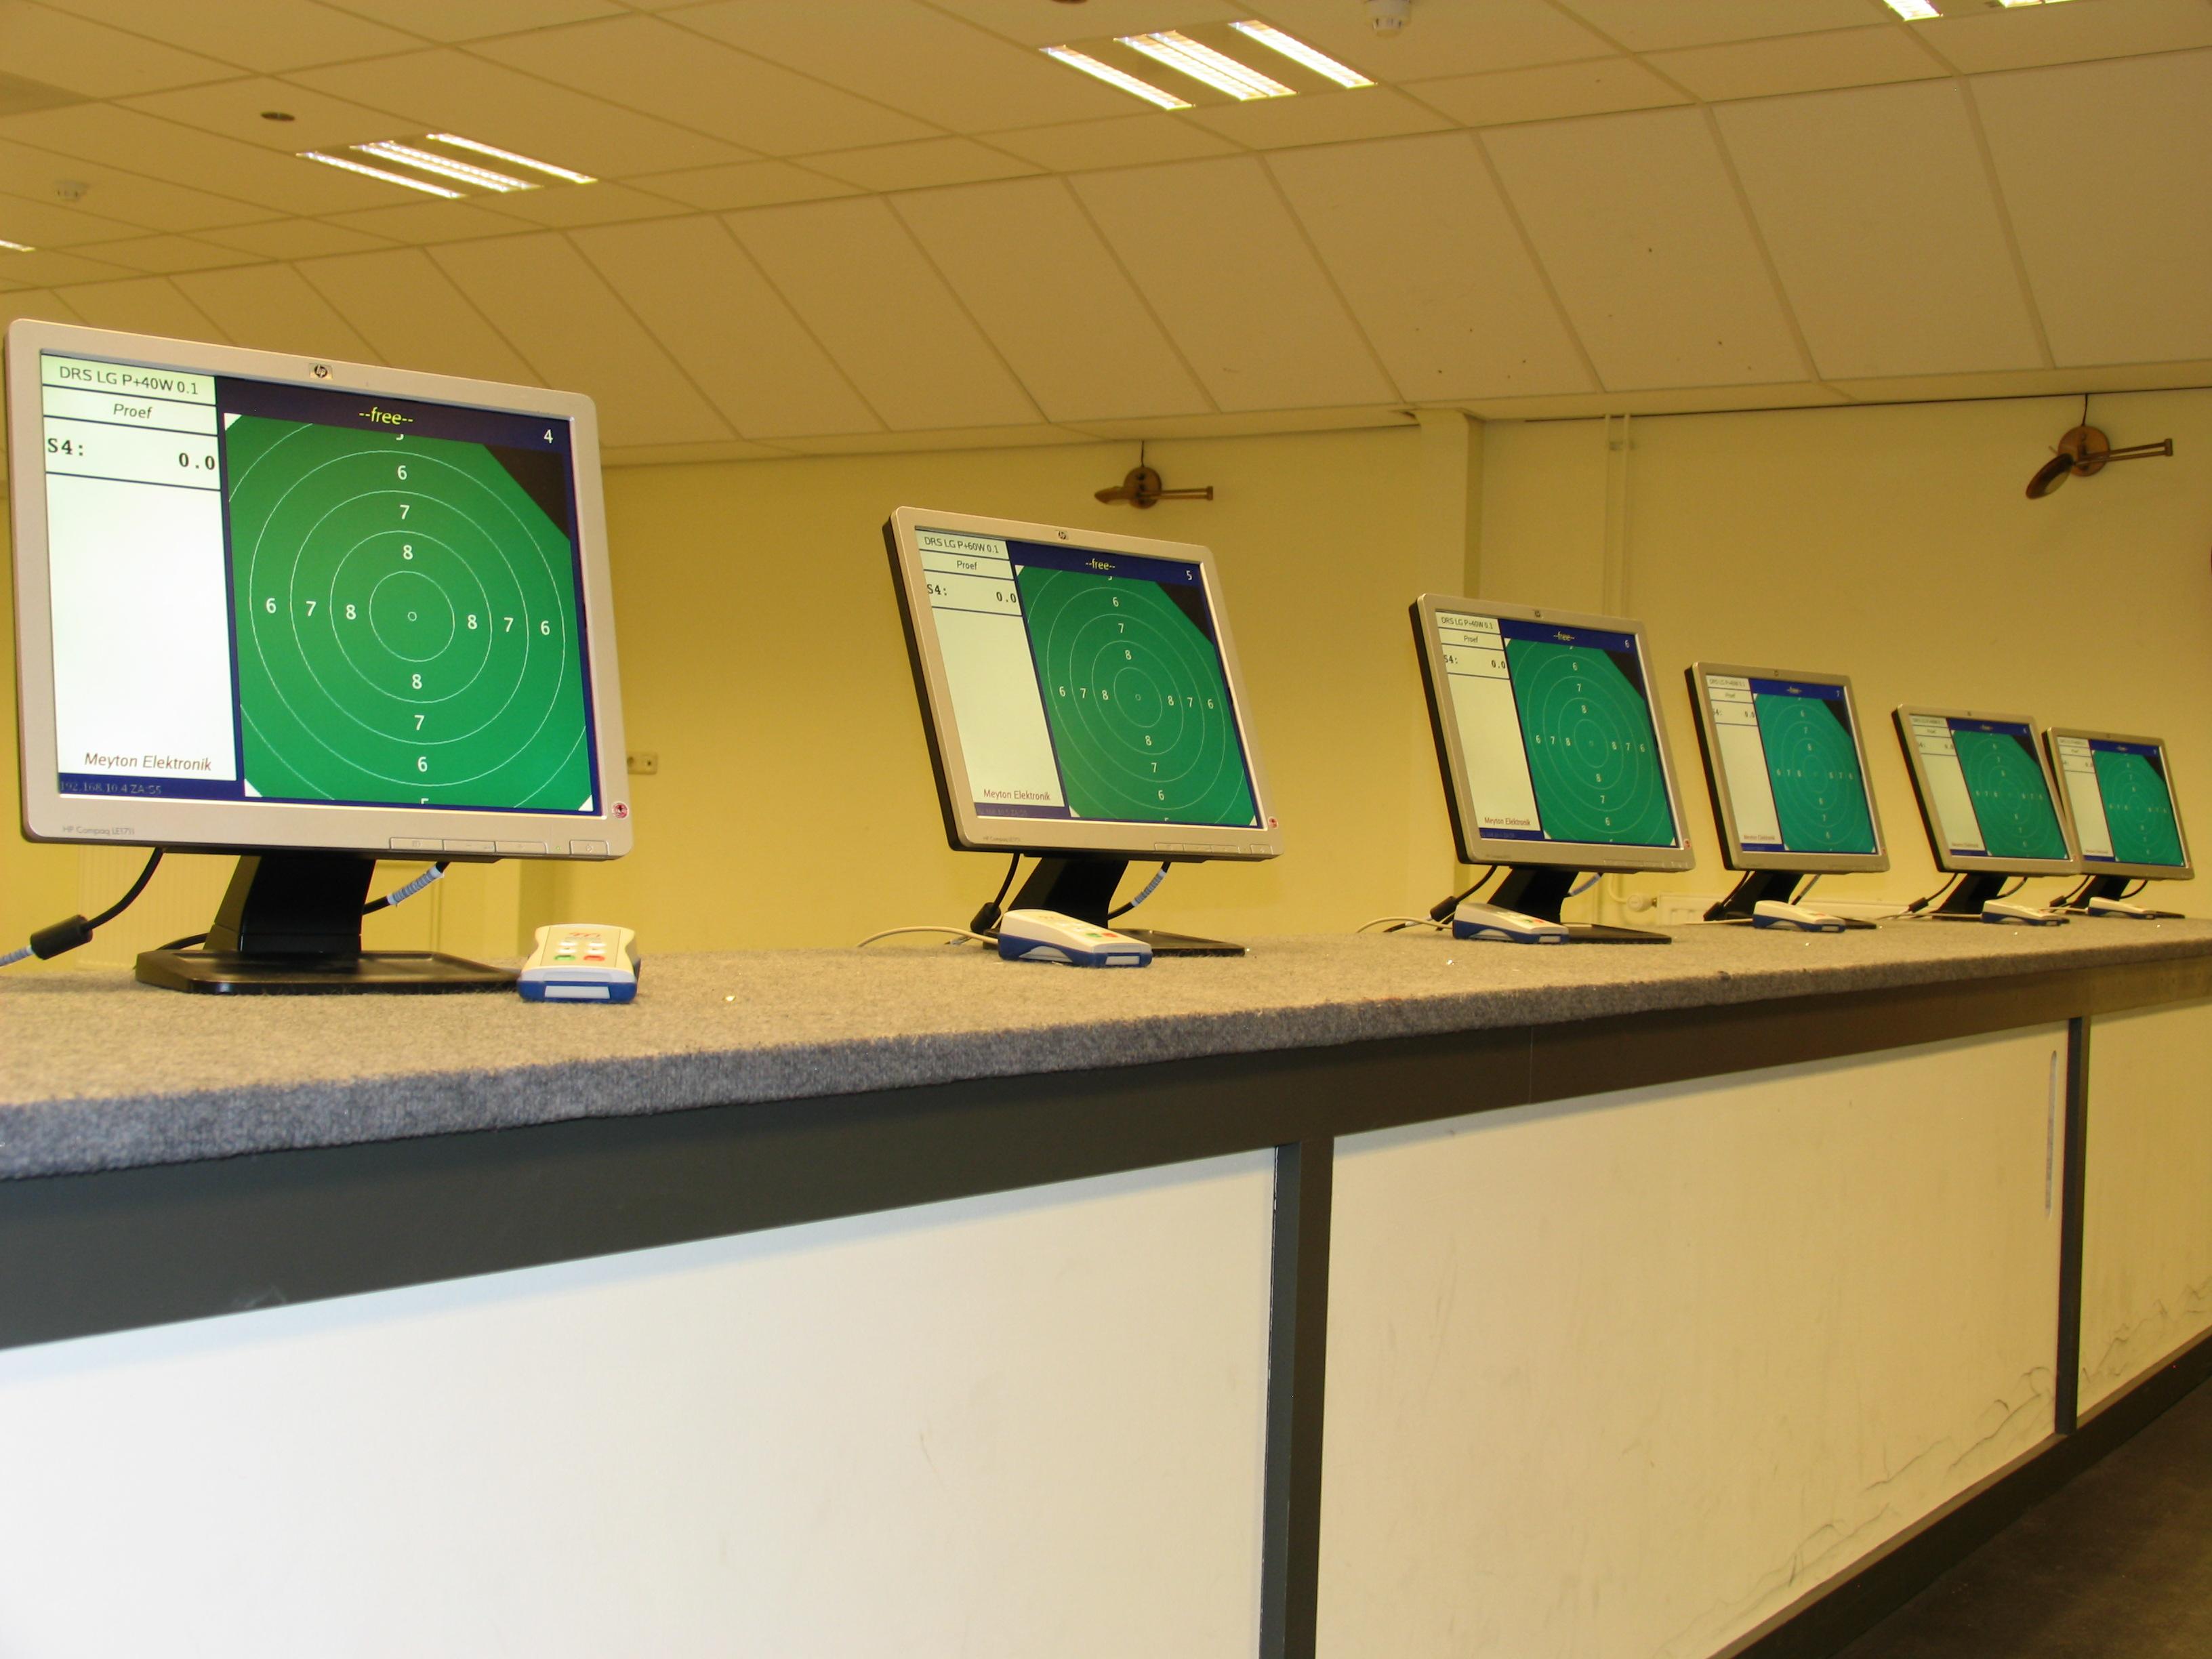 Onze 8 LG + 1 LP indoor banen